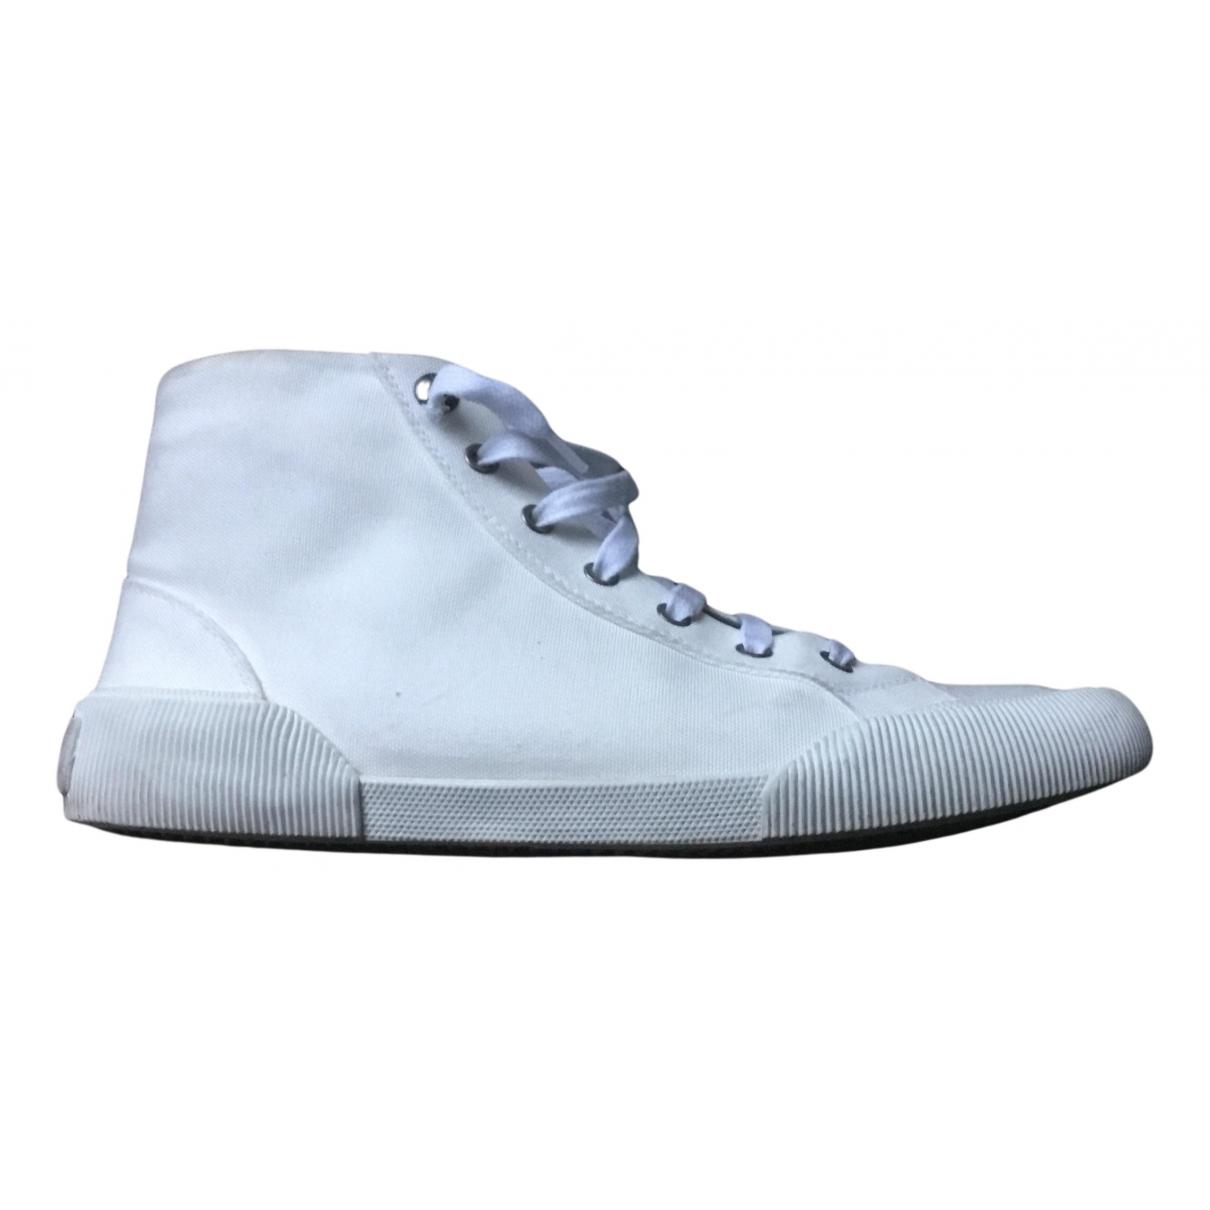 Lanvin \N Sneakers in  Weiss Leinen